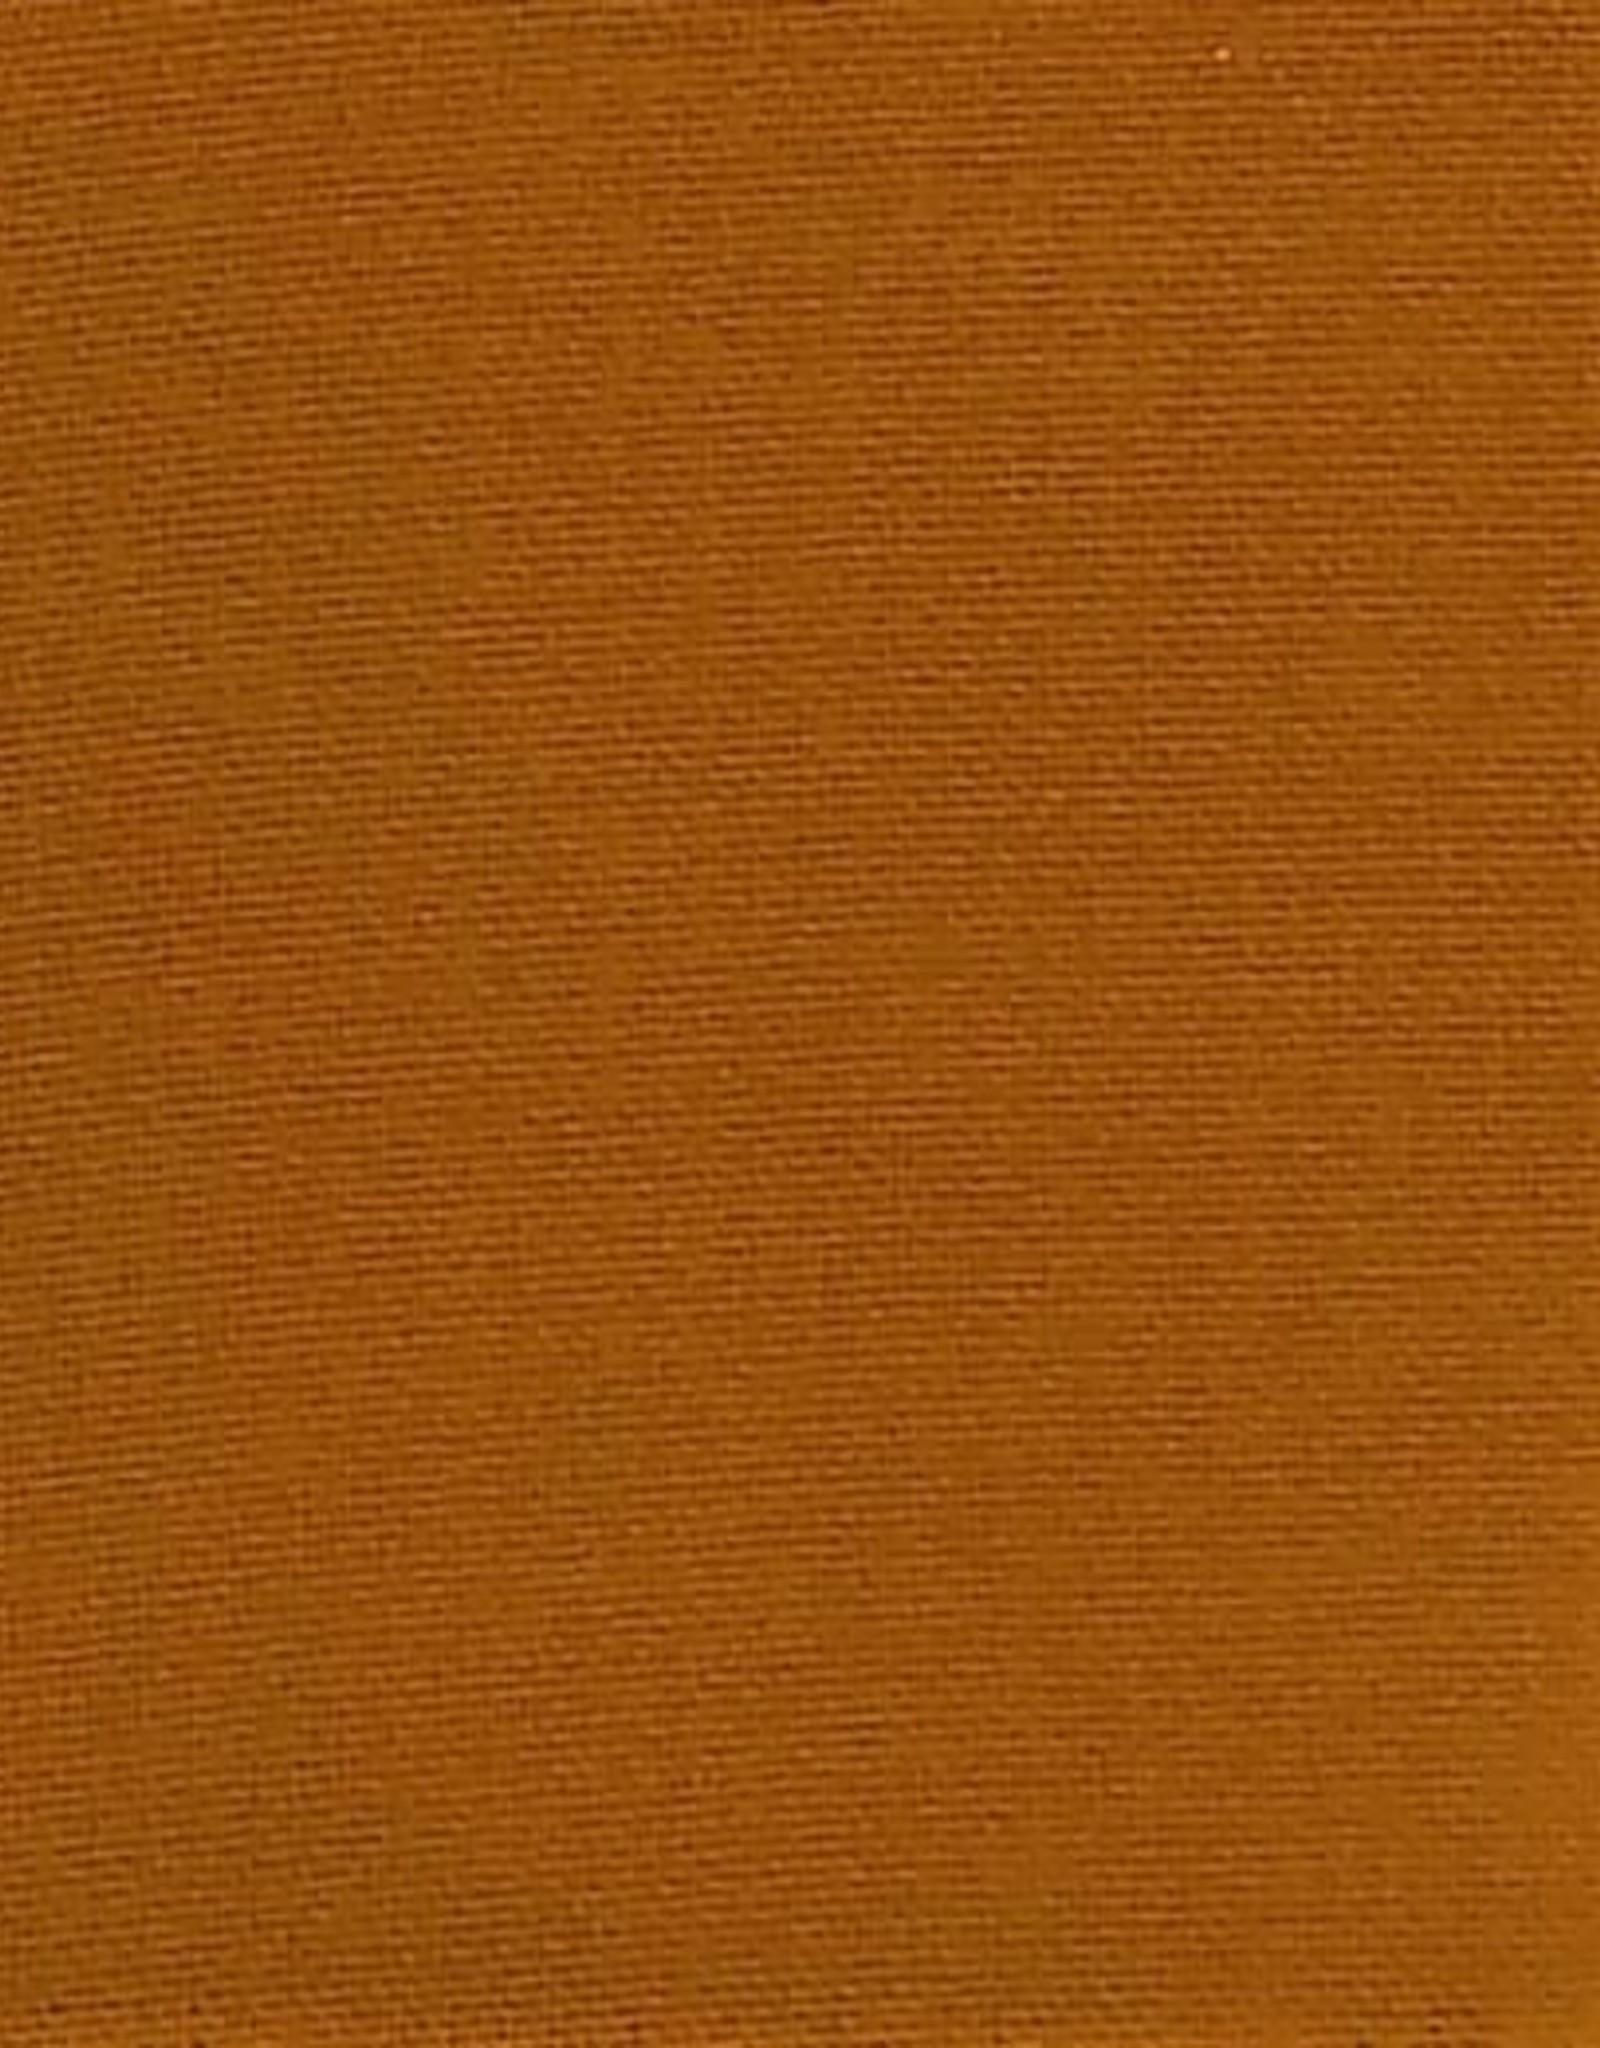 Chiffon 58 - 60 Inches Sand #26 (Yard)